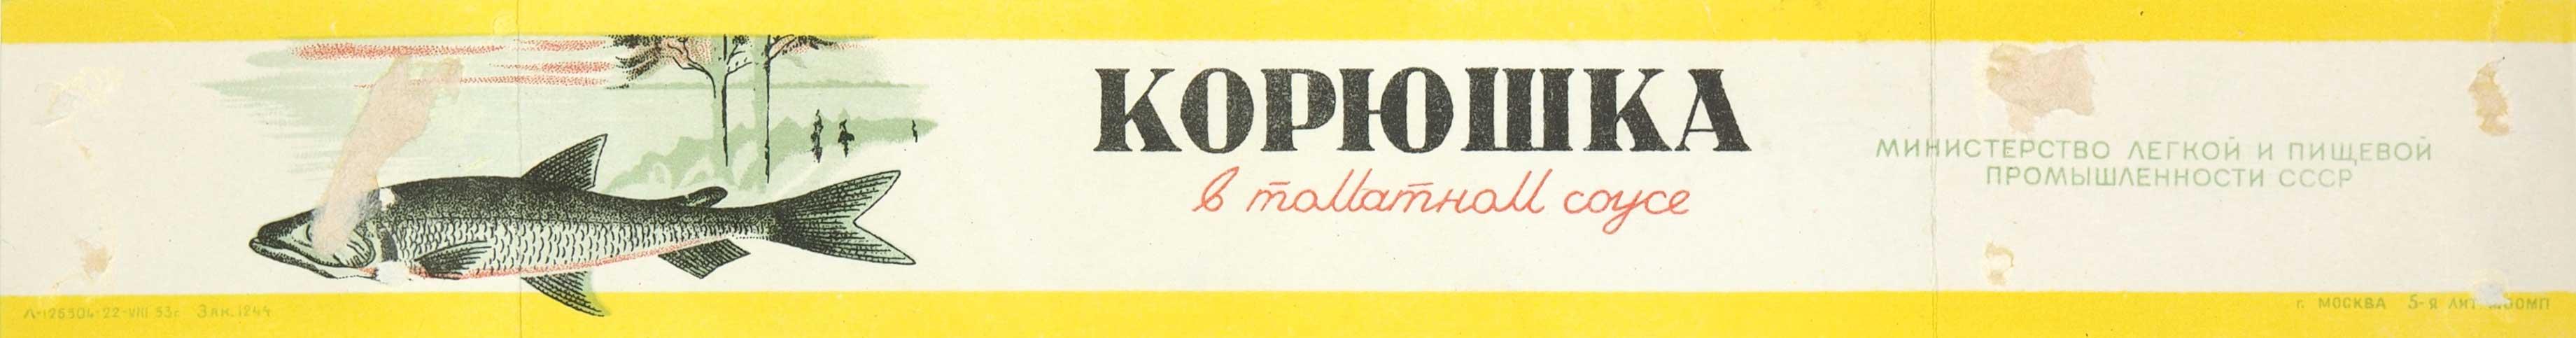 1953. Образец дизайна этикетки консервов «Корюшка в томатном соусе». Мин. легкой и пищевой пром-ти СССР